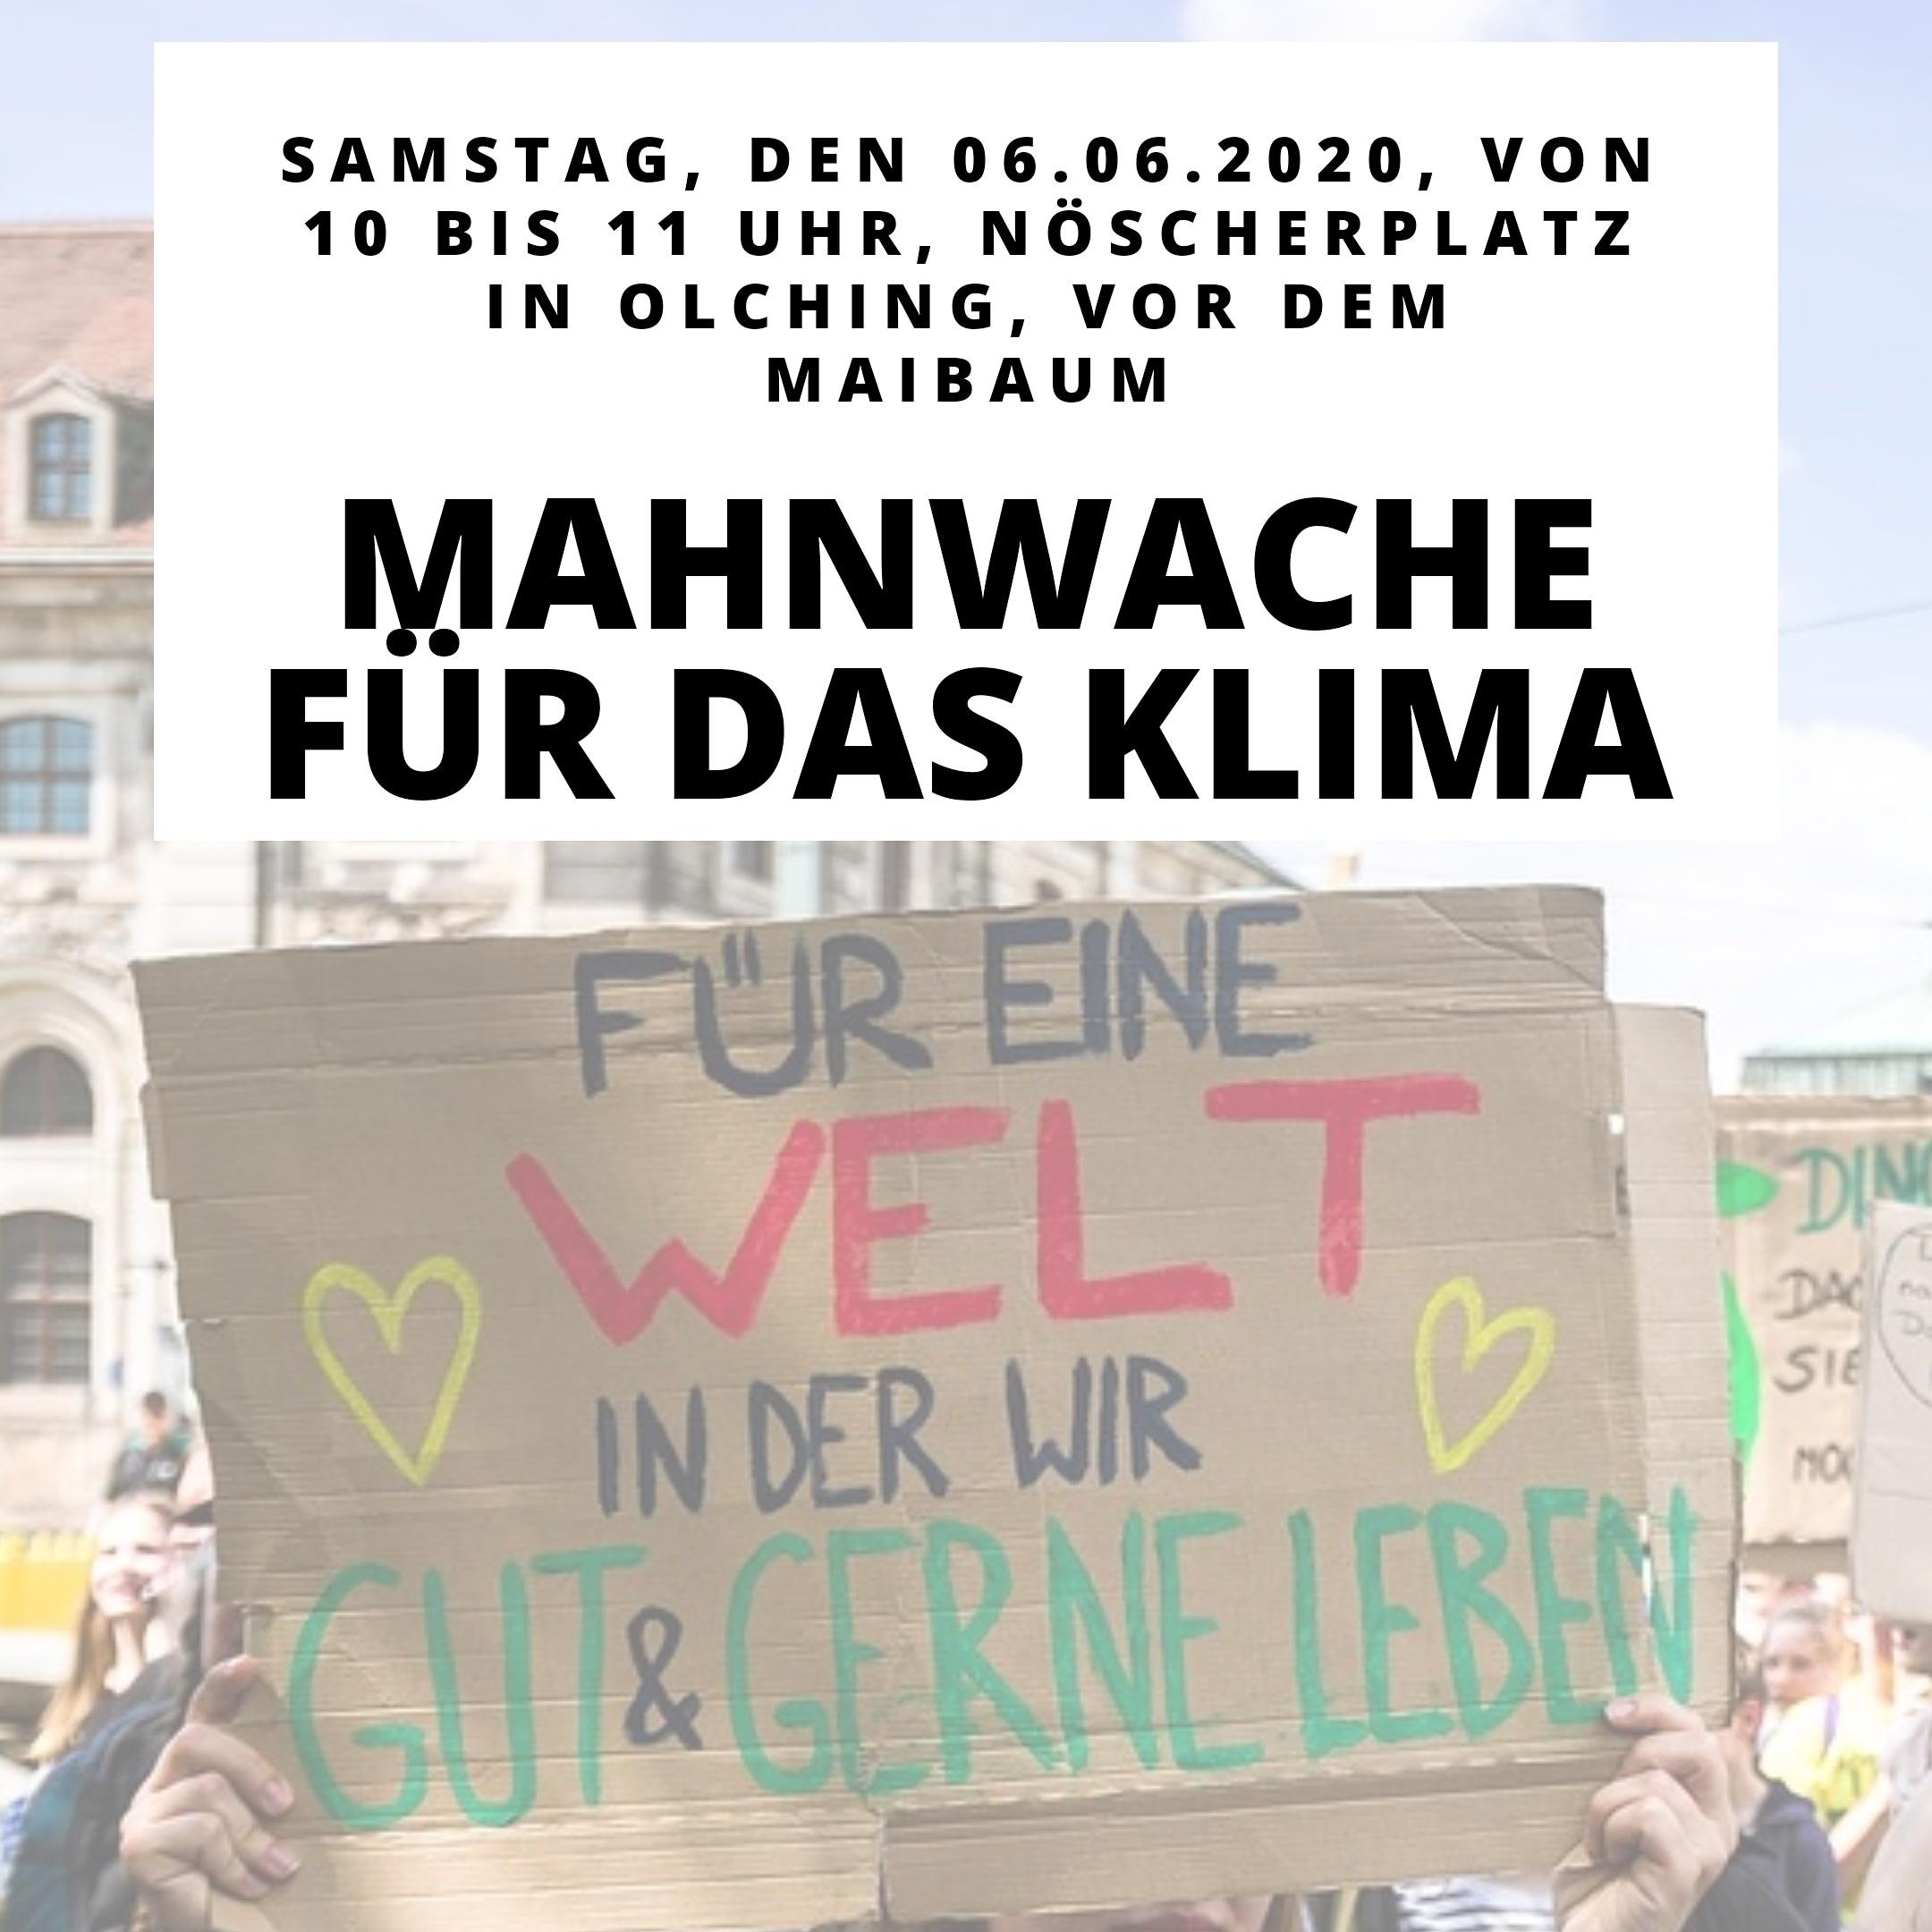 Mahnwache für das Klima am 06.06.2020